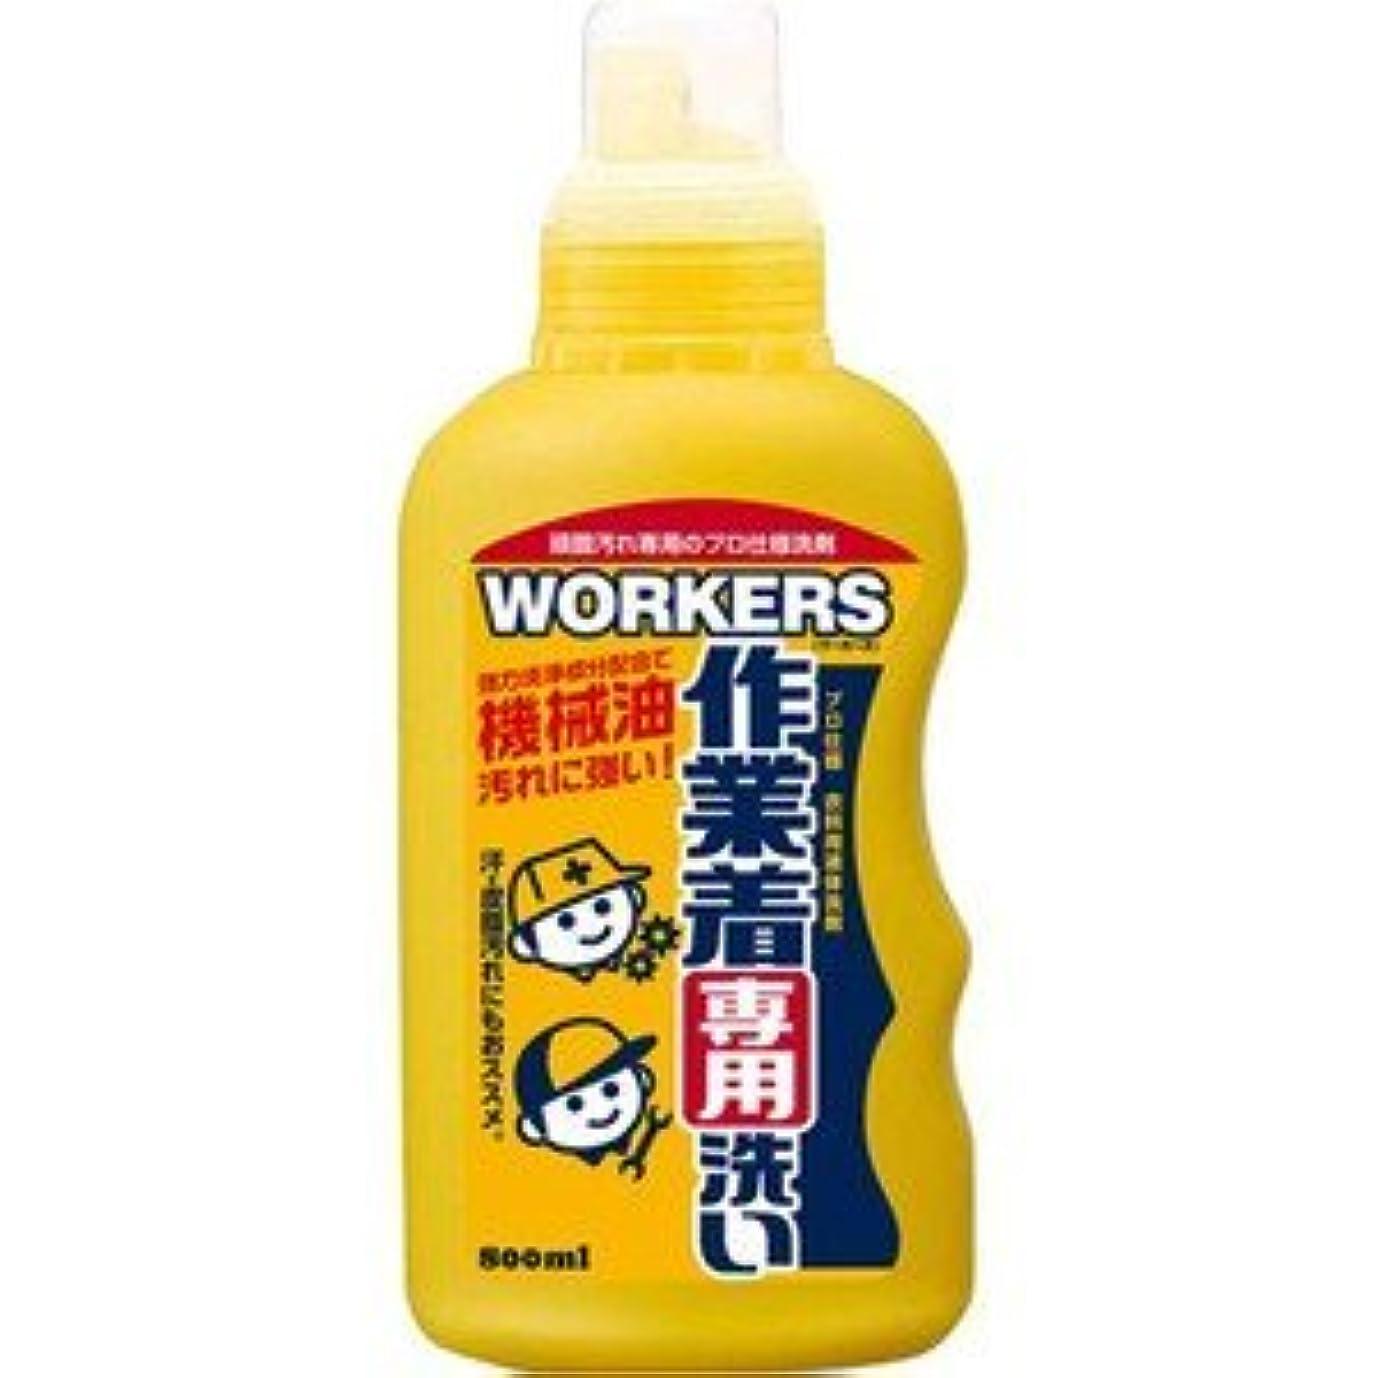 達成可能ドラムしゃがむ(NSファーファ?ジャパン)WORKERS 作業着液体洗剤 本体 800ml(お買い得3個セット)